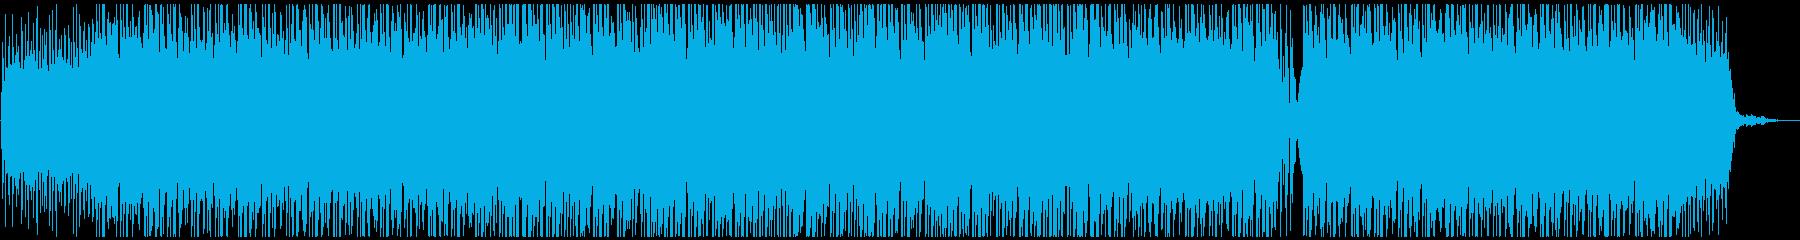 爽やかピアノポップの再生済みの波形